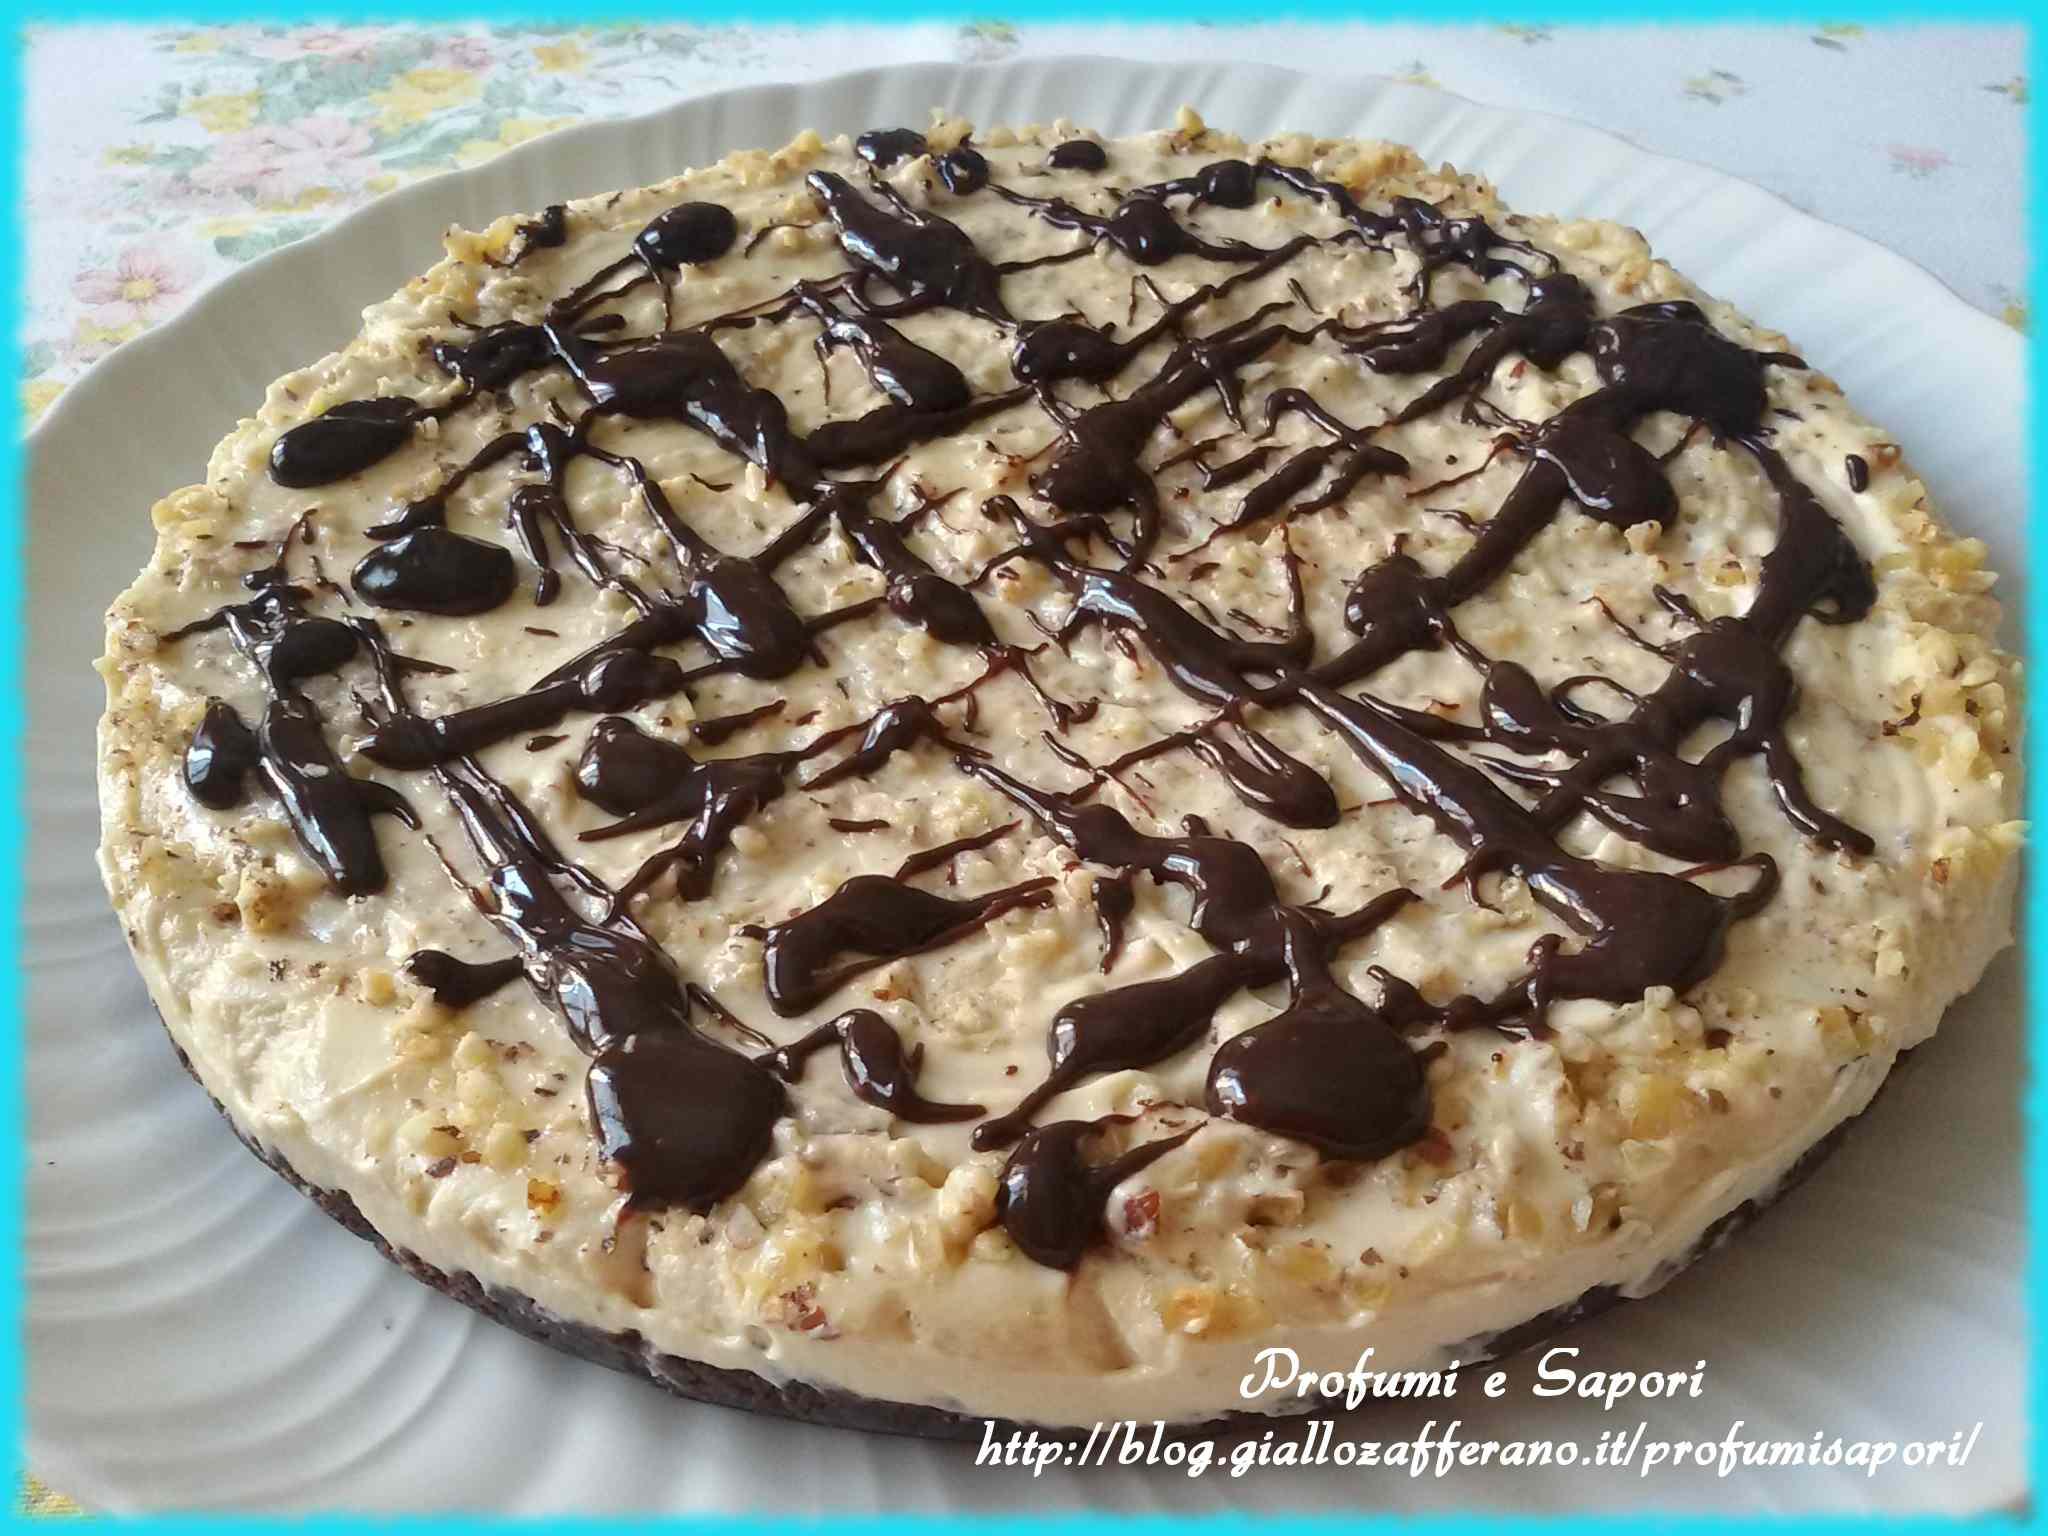 Ricetta: Cheesecake alle nocciole e cioccolato